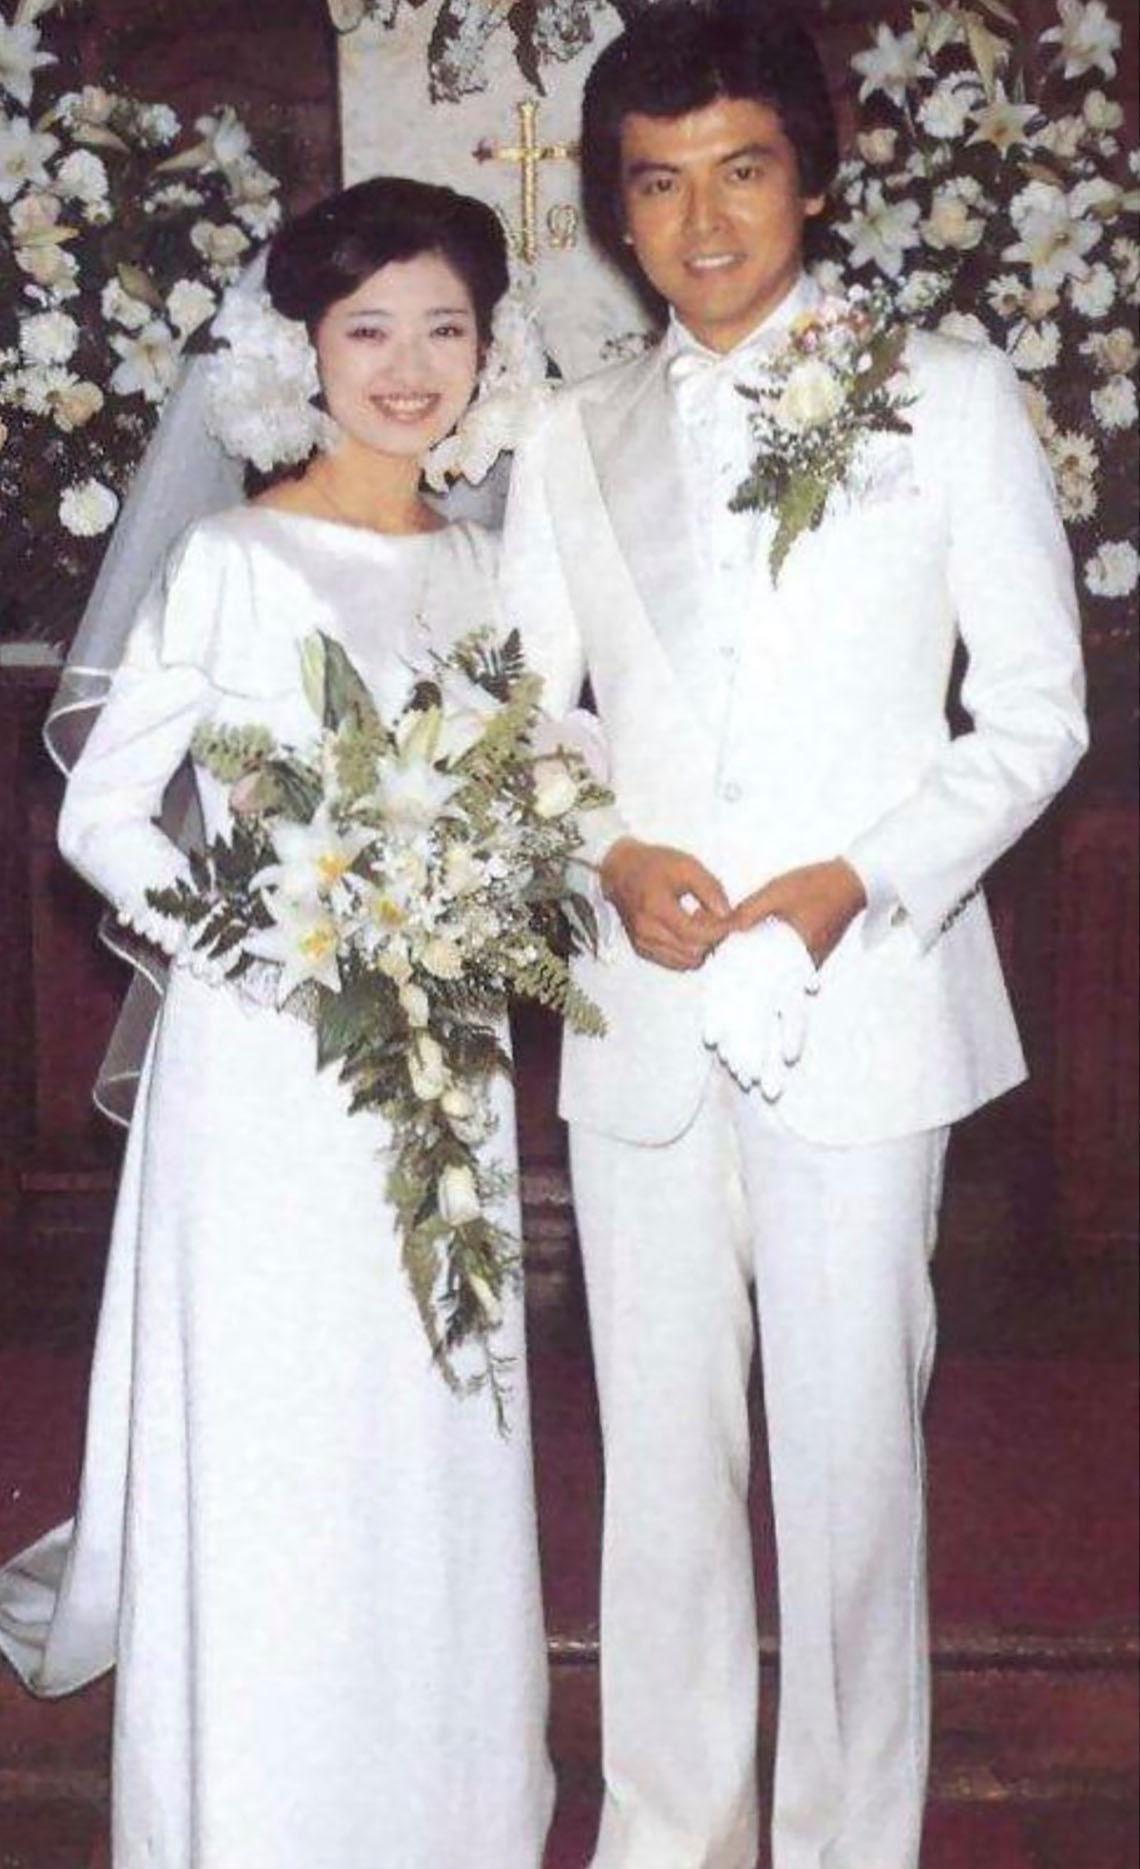 劇集播出時兩位主角已經結婚,山口百惠亦息影,令此劇更添浪漫柔情。(網上圖片)